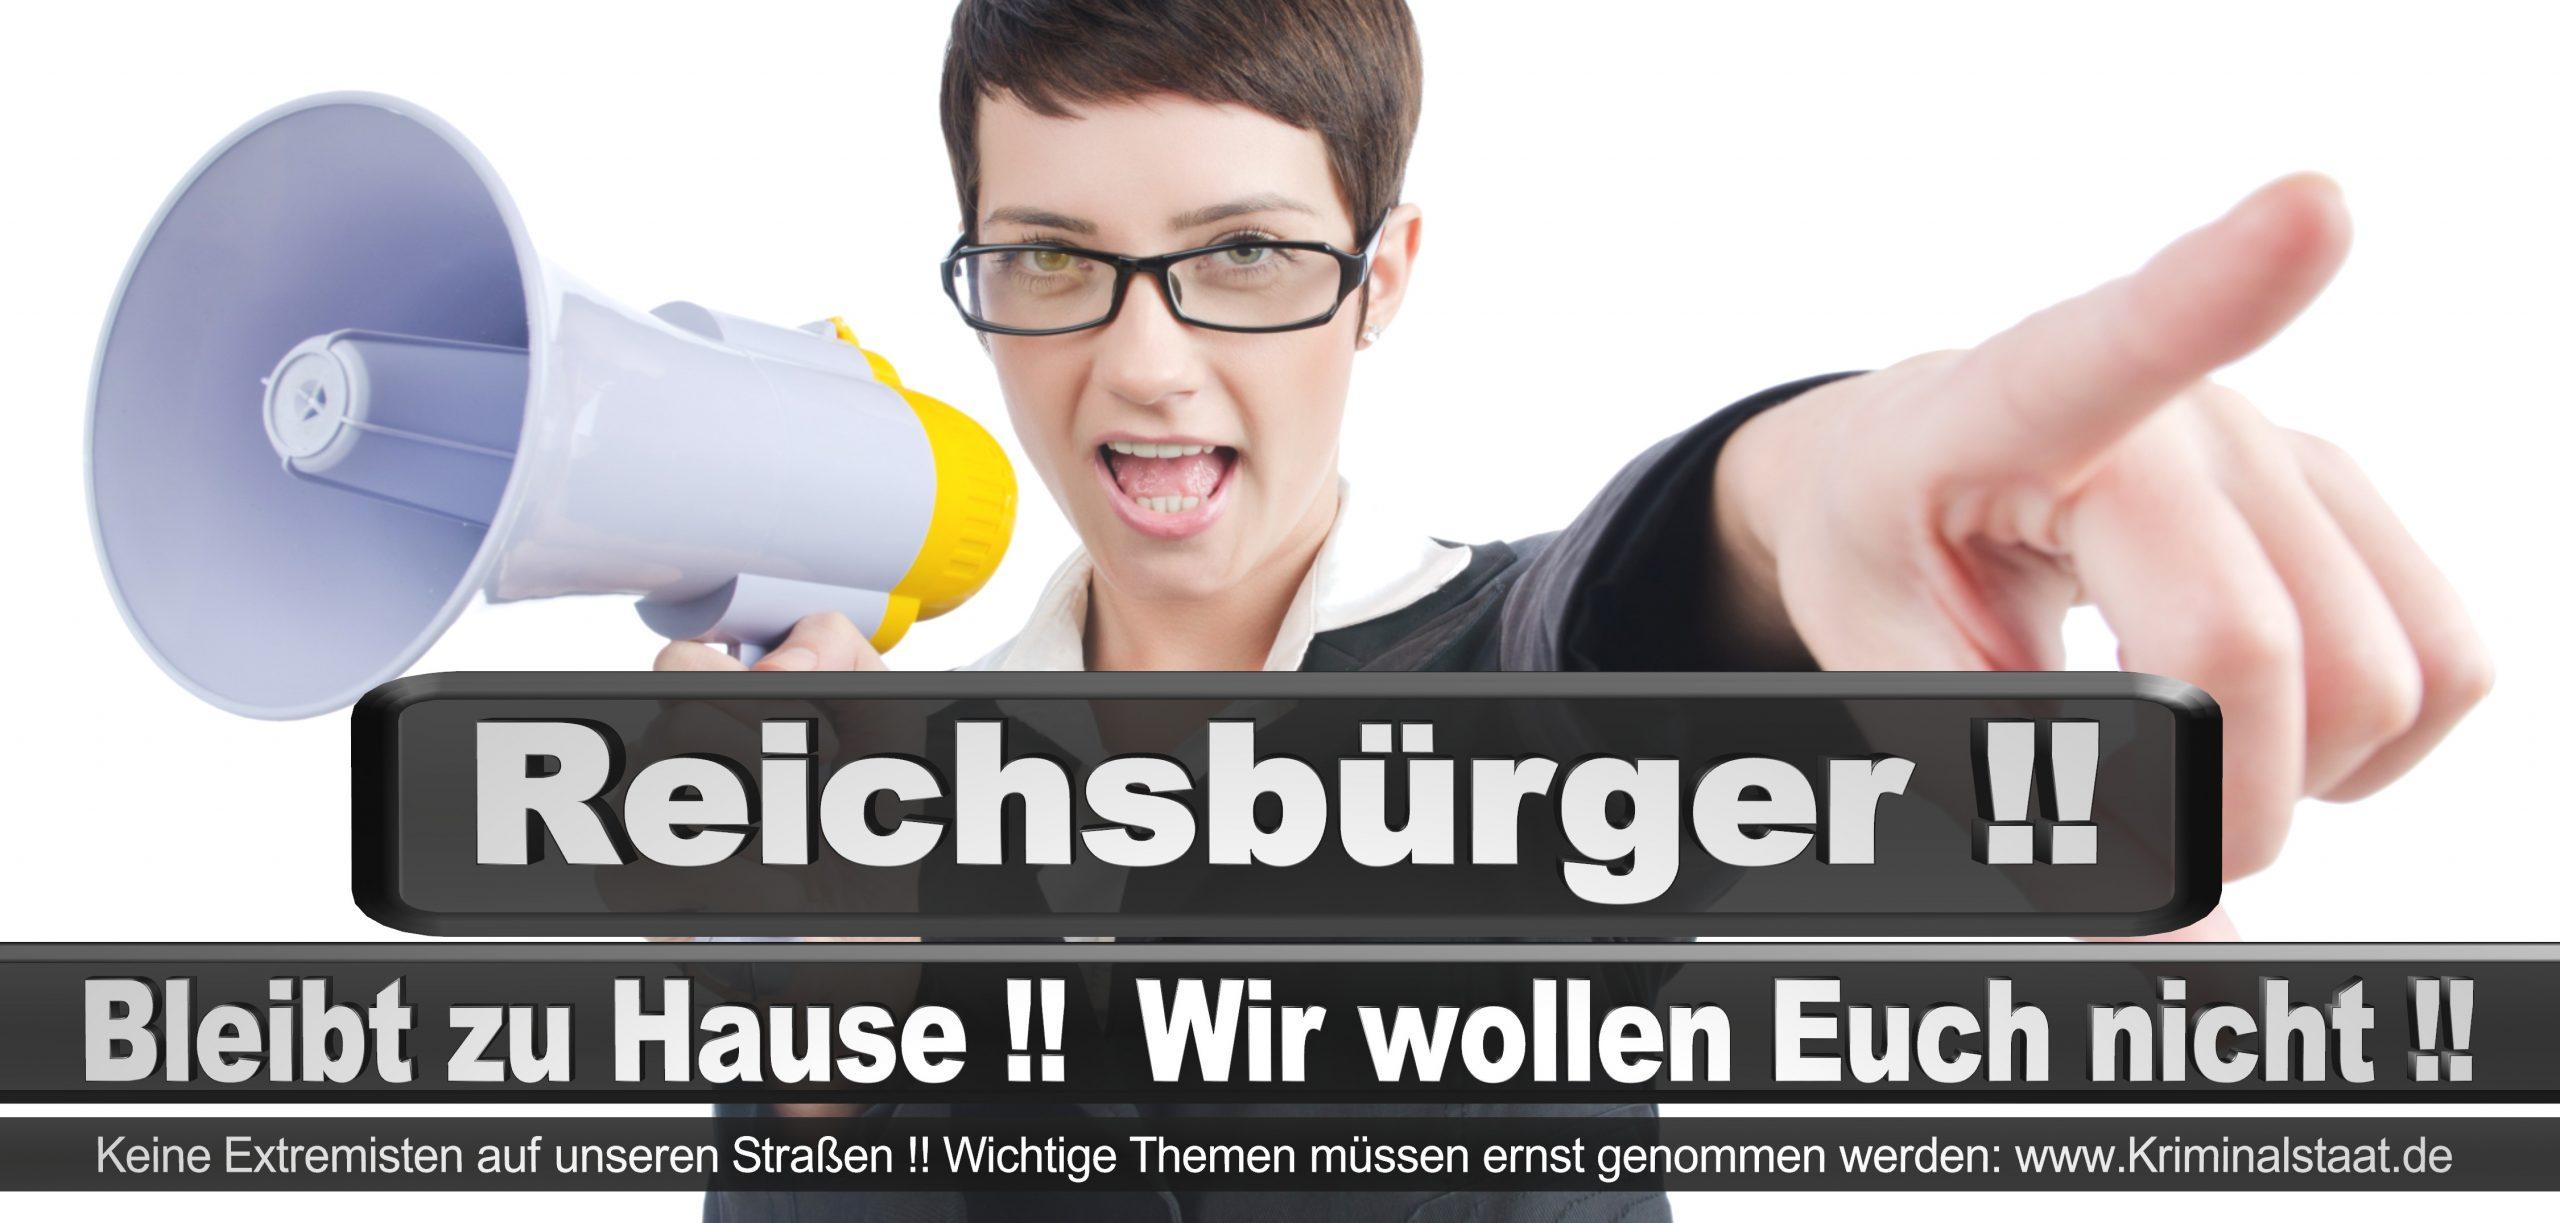 Bundestagswahl 2021 Wahlplakate CDU SPD FDP AFD Grüne Linke Stimmzettel Prognose Umfrage Kandidaten Parteien Datum (5)